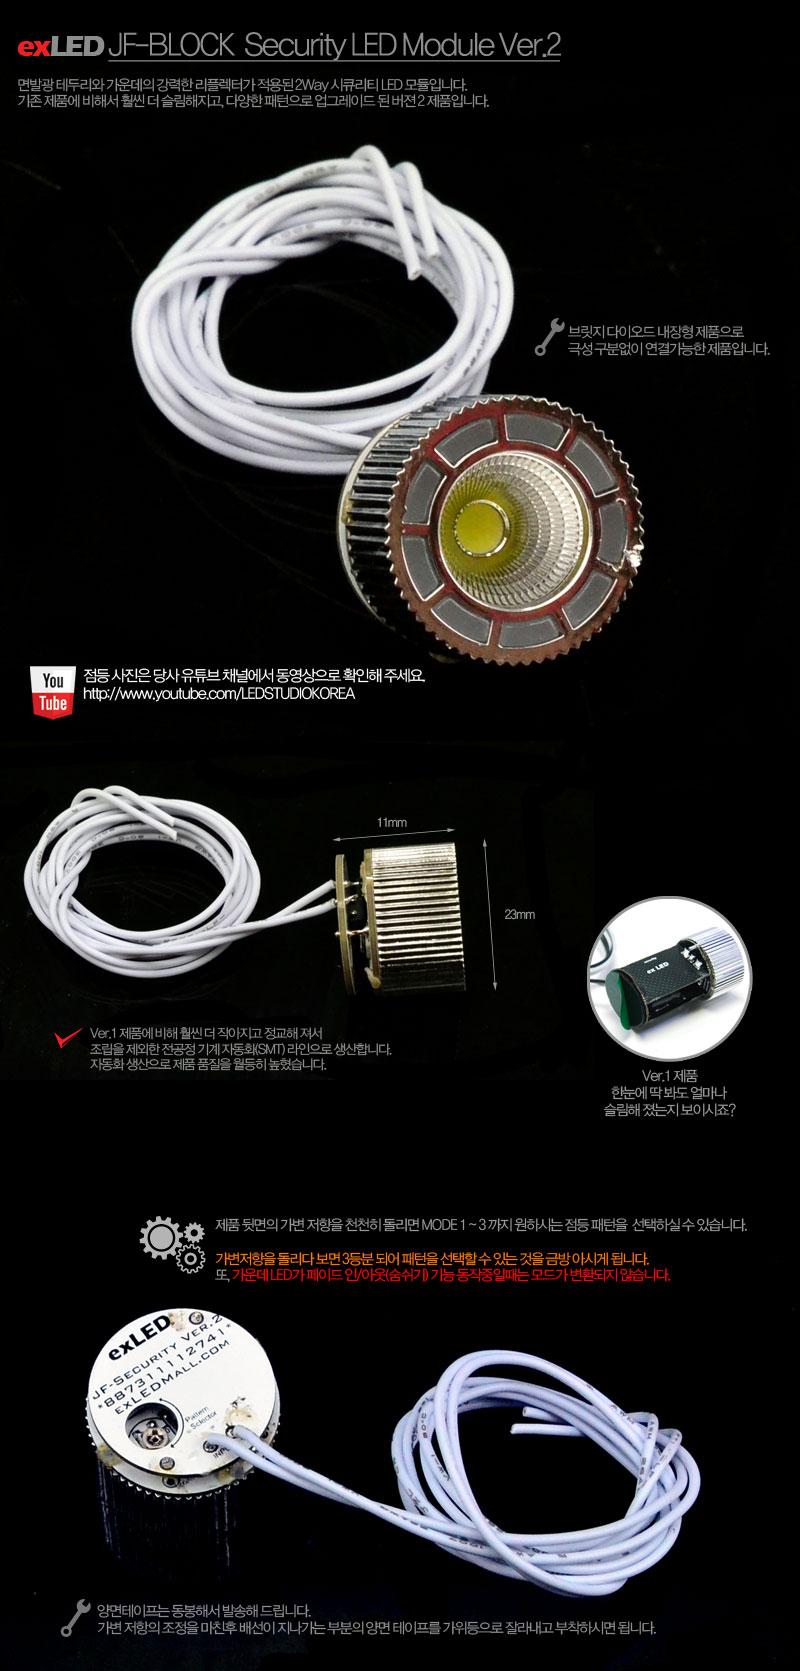 [재고한정특가] exLED JF 블럭 2Way 마이컴 시큐리티 모듈 (초슬림-룸밀러 부착형) Ver.2 - 3모드 통합 선택형